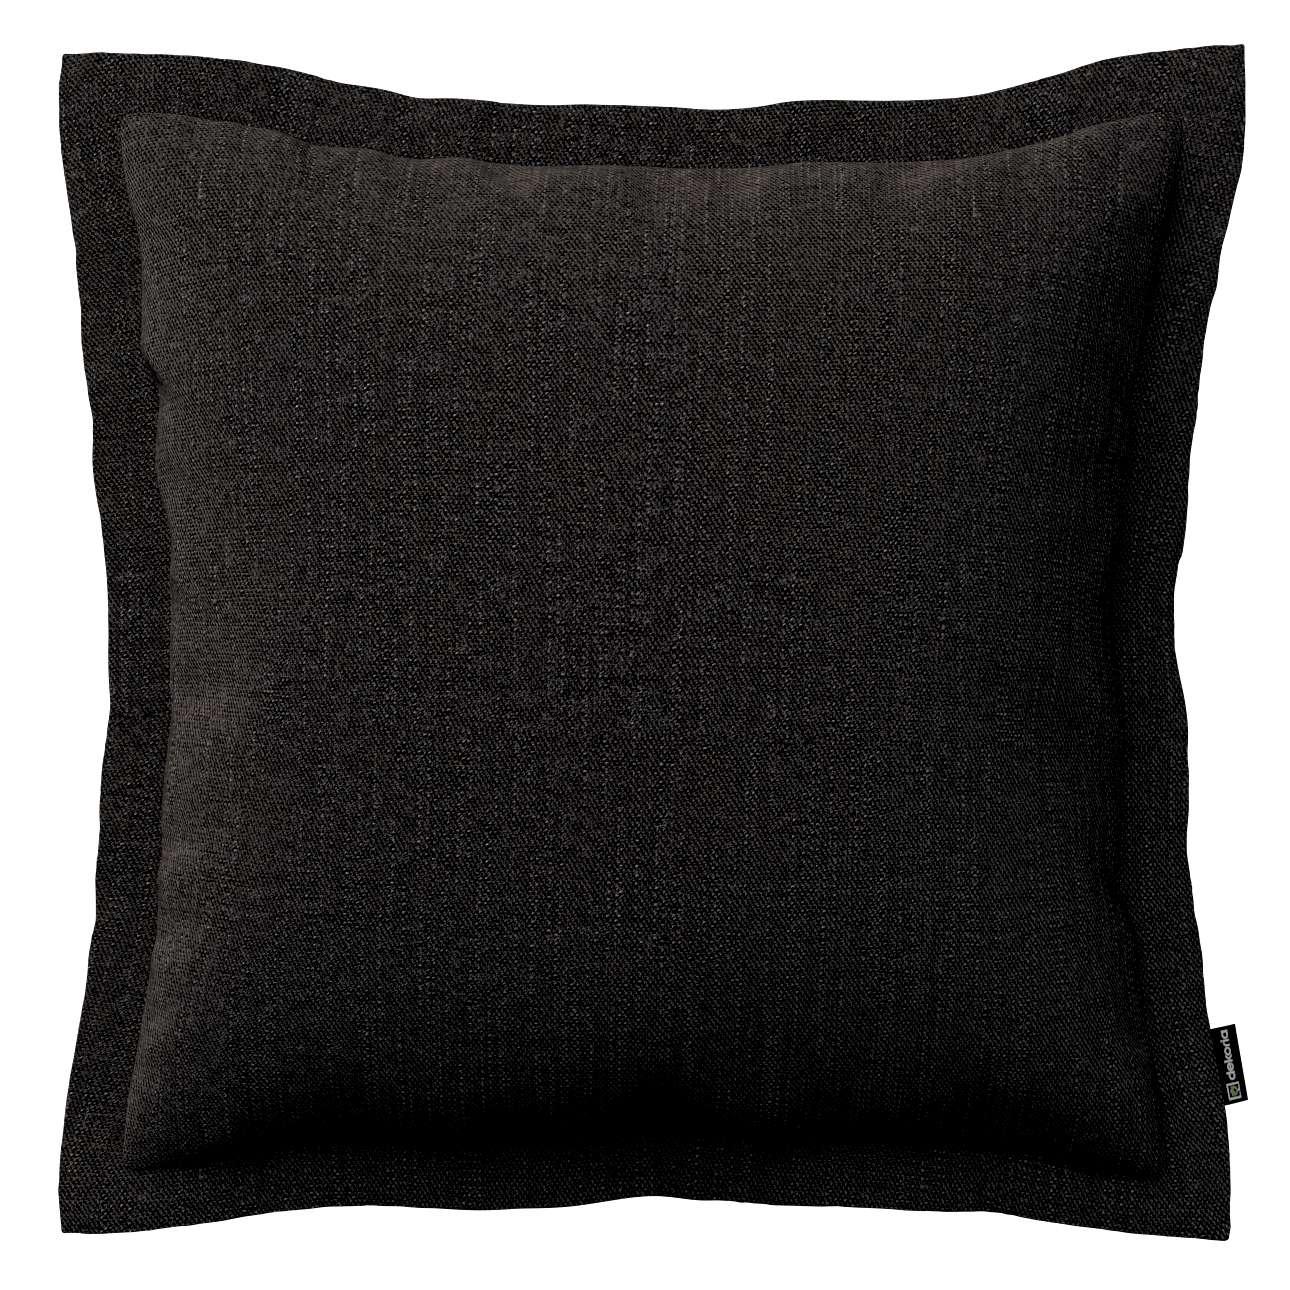 Poszewka Mona na poduszkę 45x45 cm w kolekcji Vintage, tkanina: 702-36